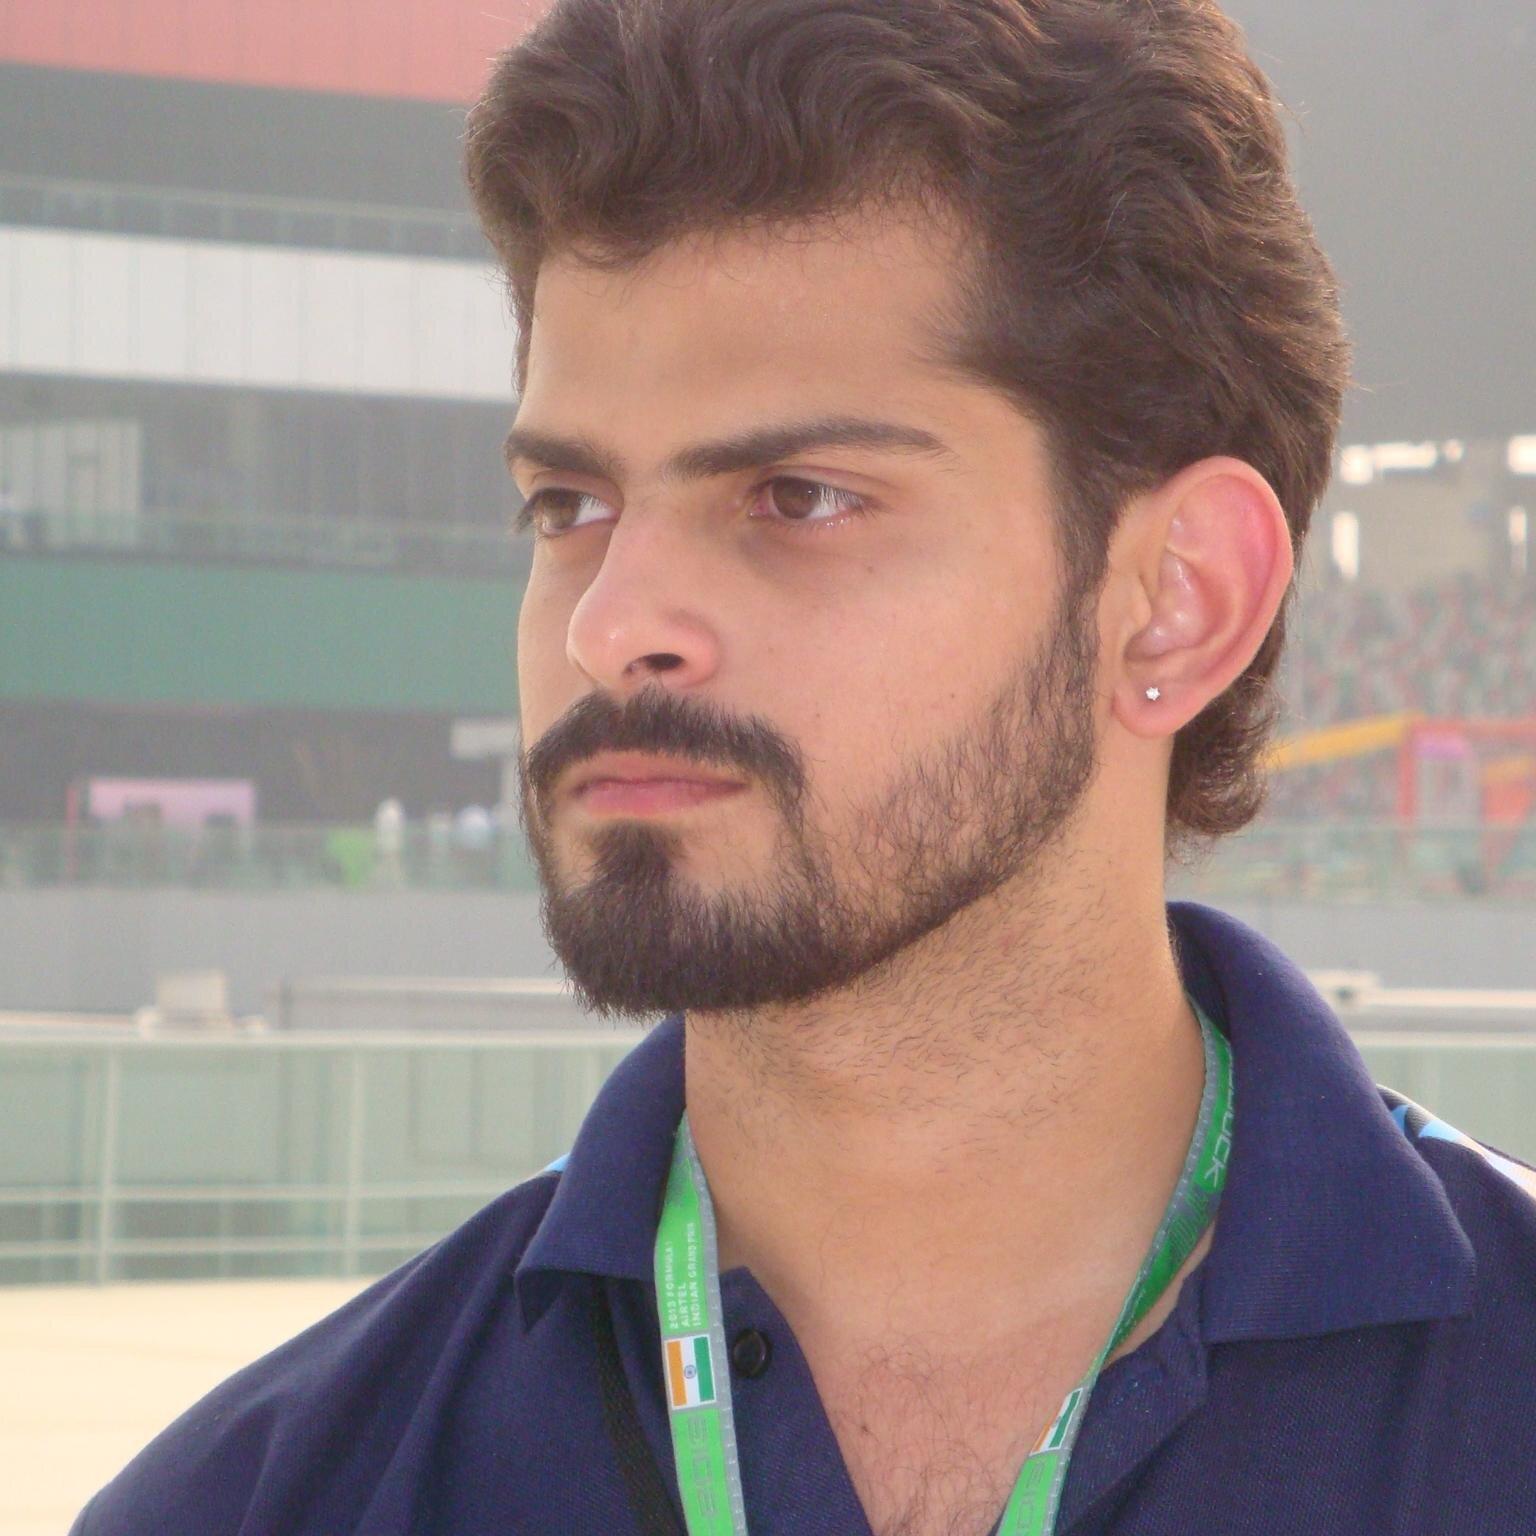 Saahil Murli Menghani Profile